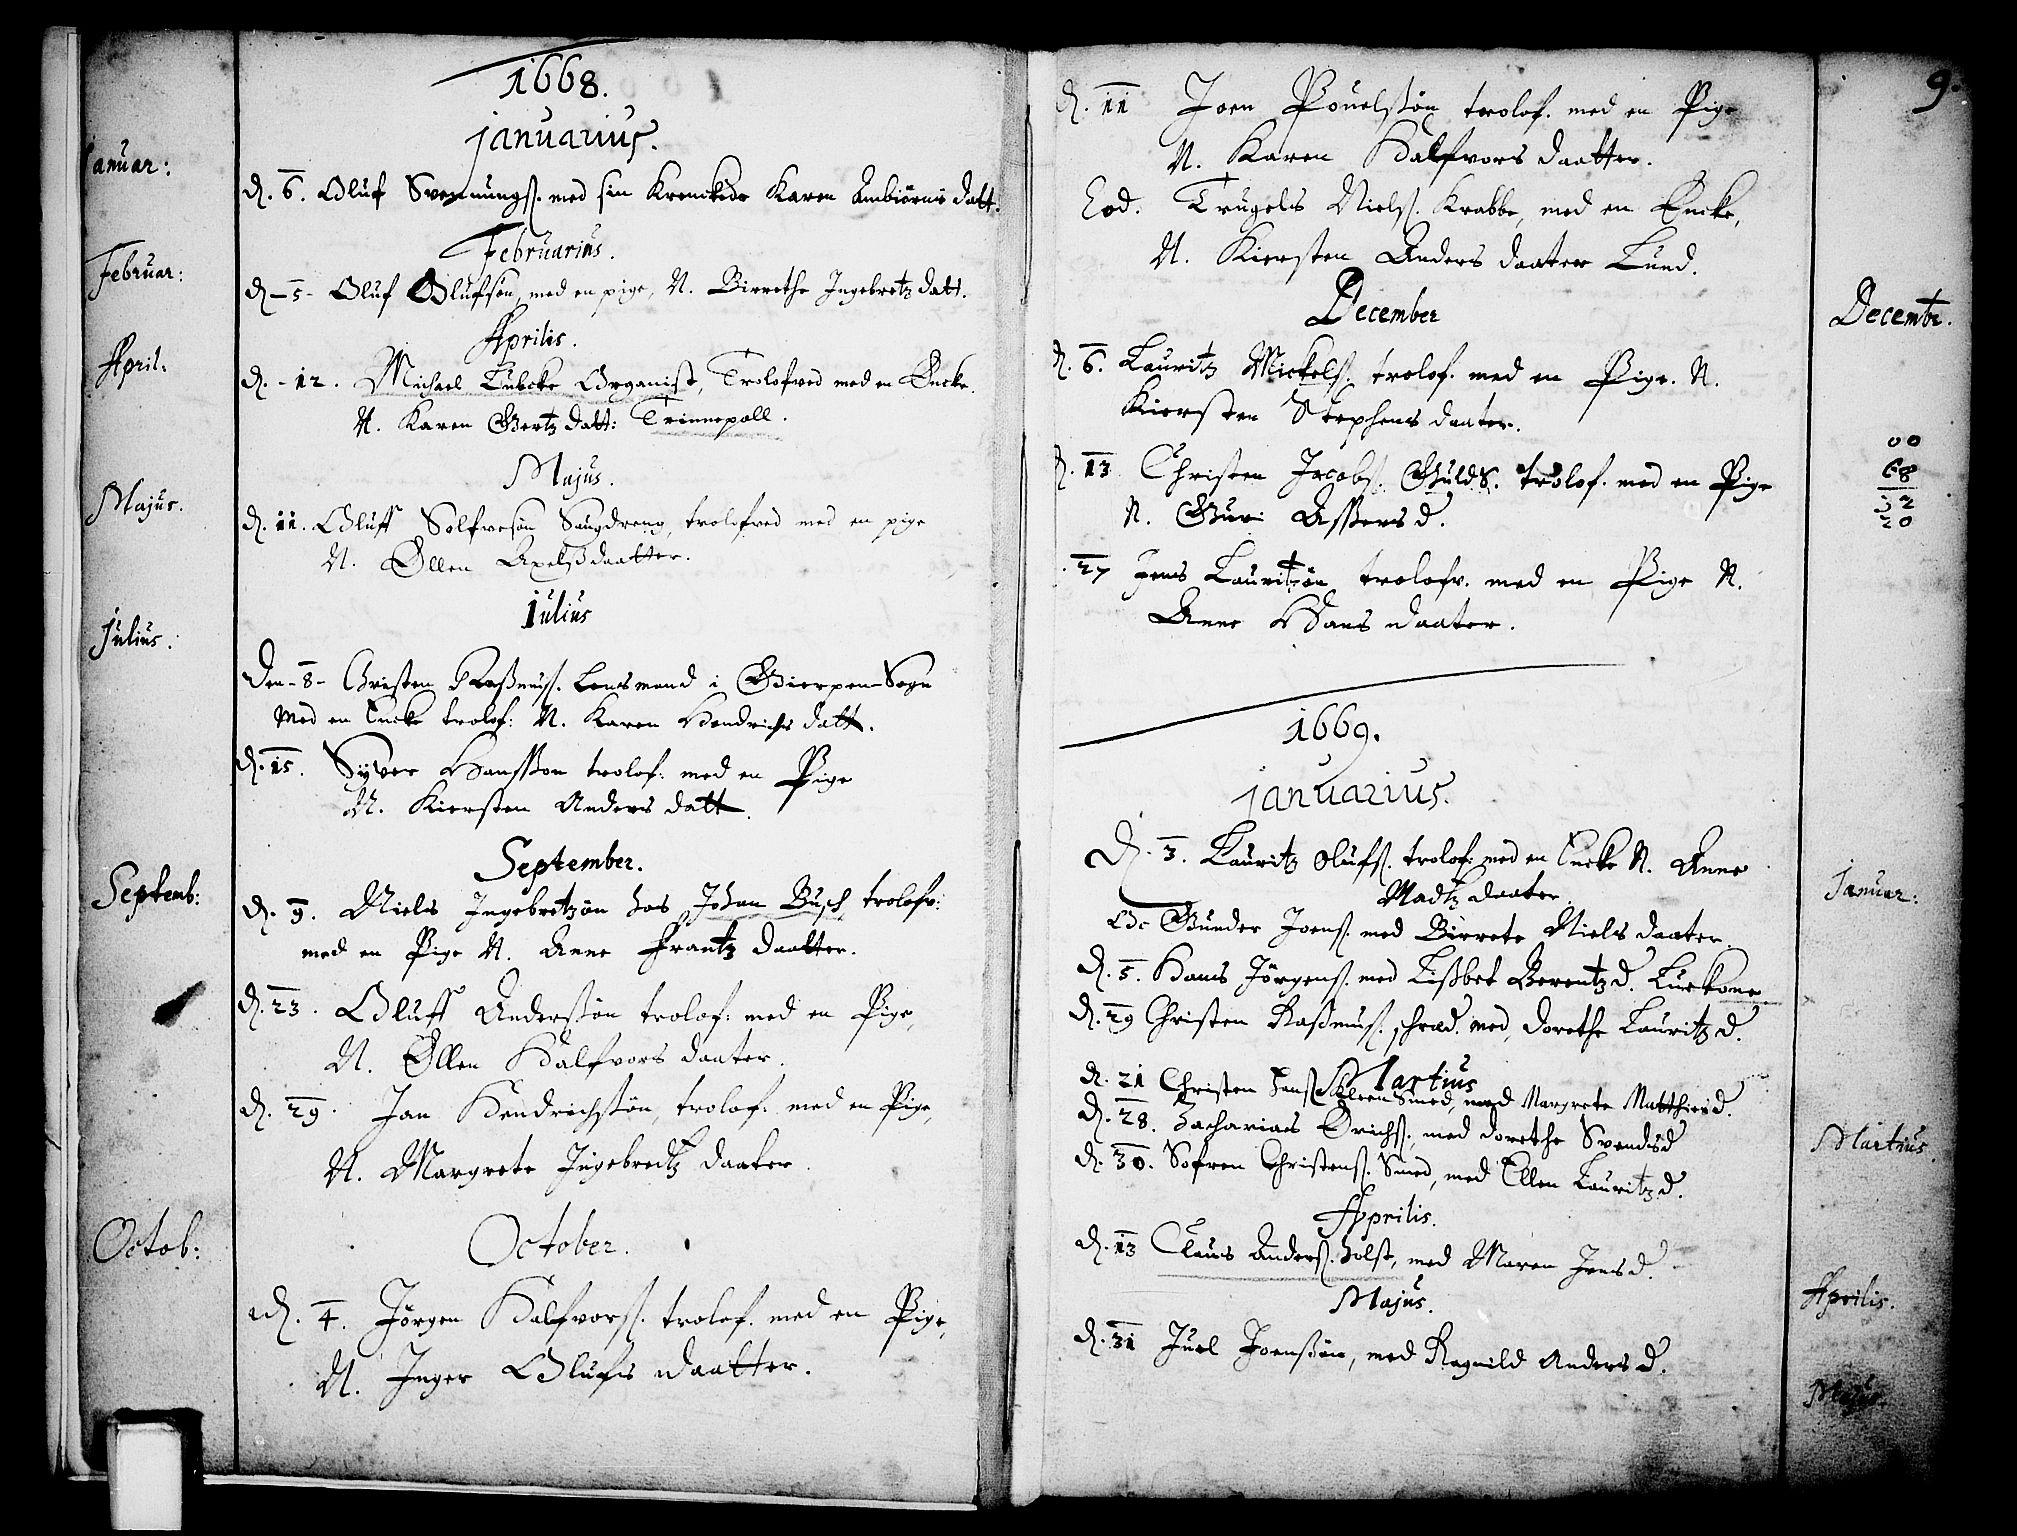 SAKO, Skien kirkebøker, F/Fa/L0001: Ministerialbok nr. 1, 1659-1679, s. 9